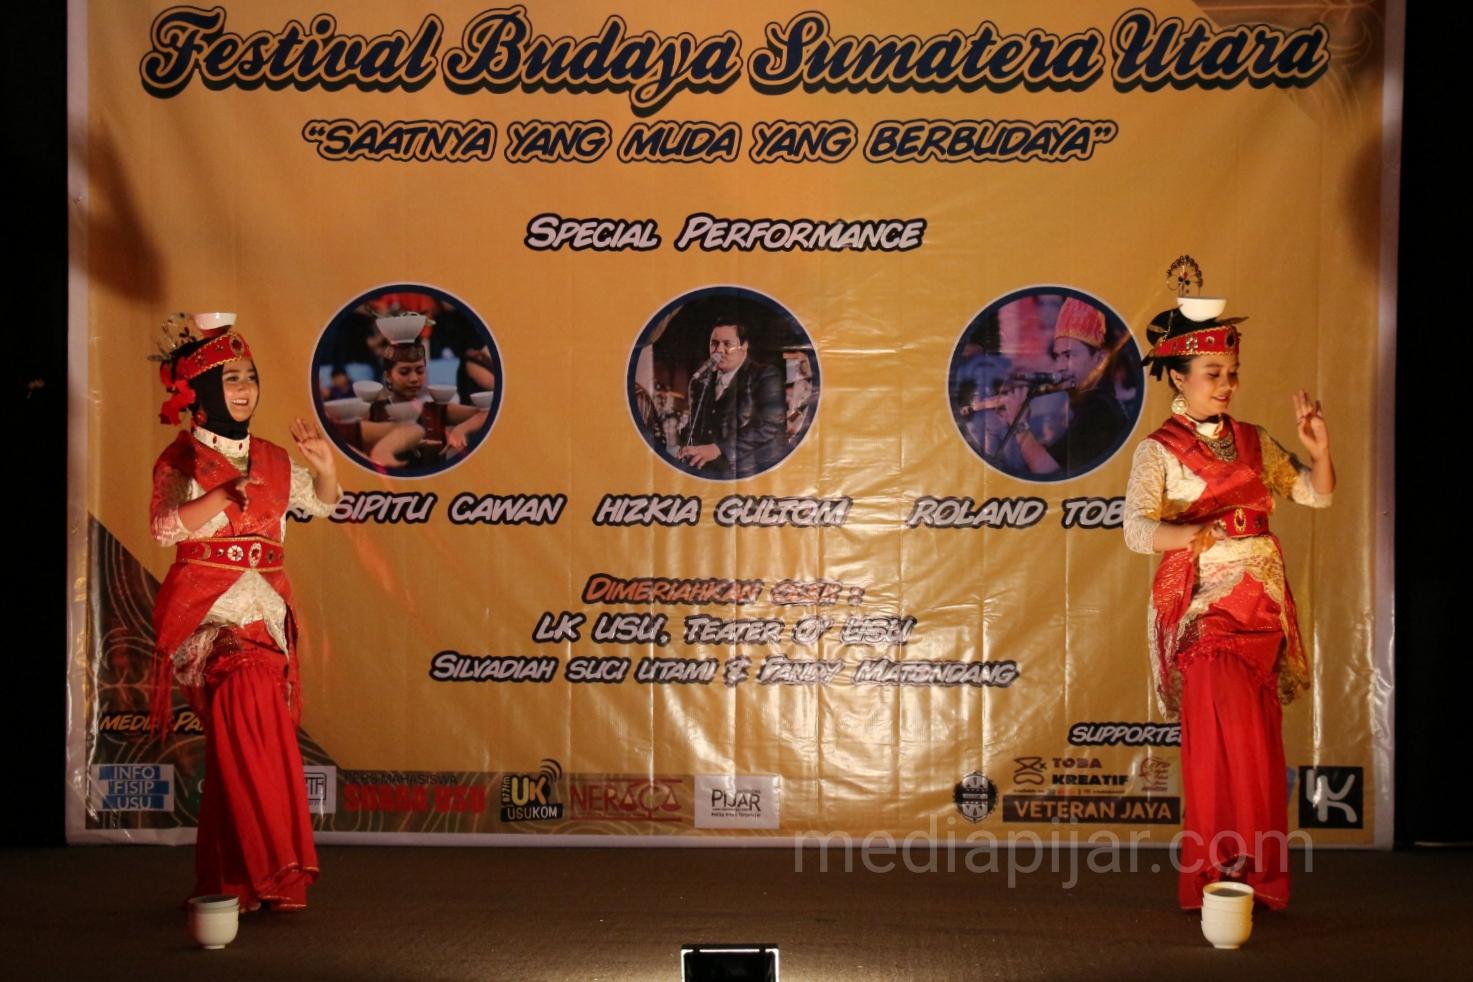 Tari Sipitu Cawan menjadi penampilan puncak pada Festival Budaya Sumatera Utara (27/03). (Fotografer: Ade Khairani)